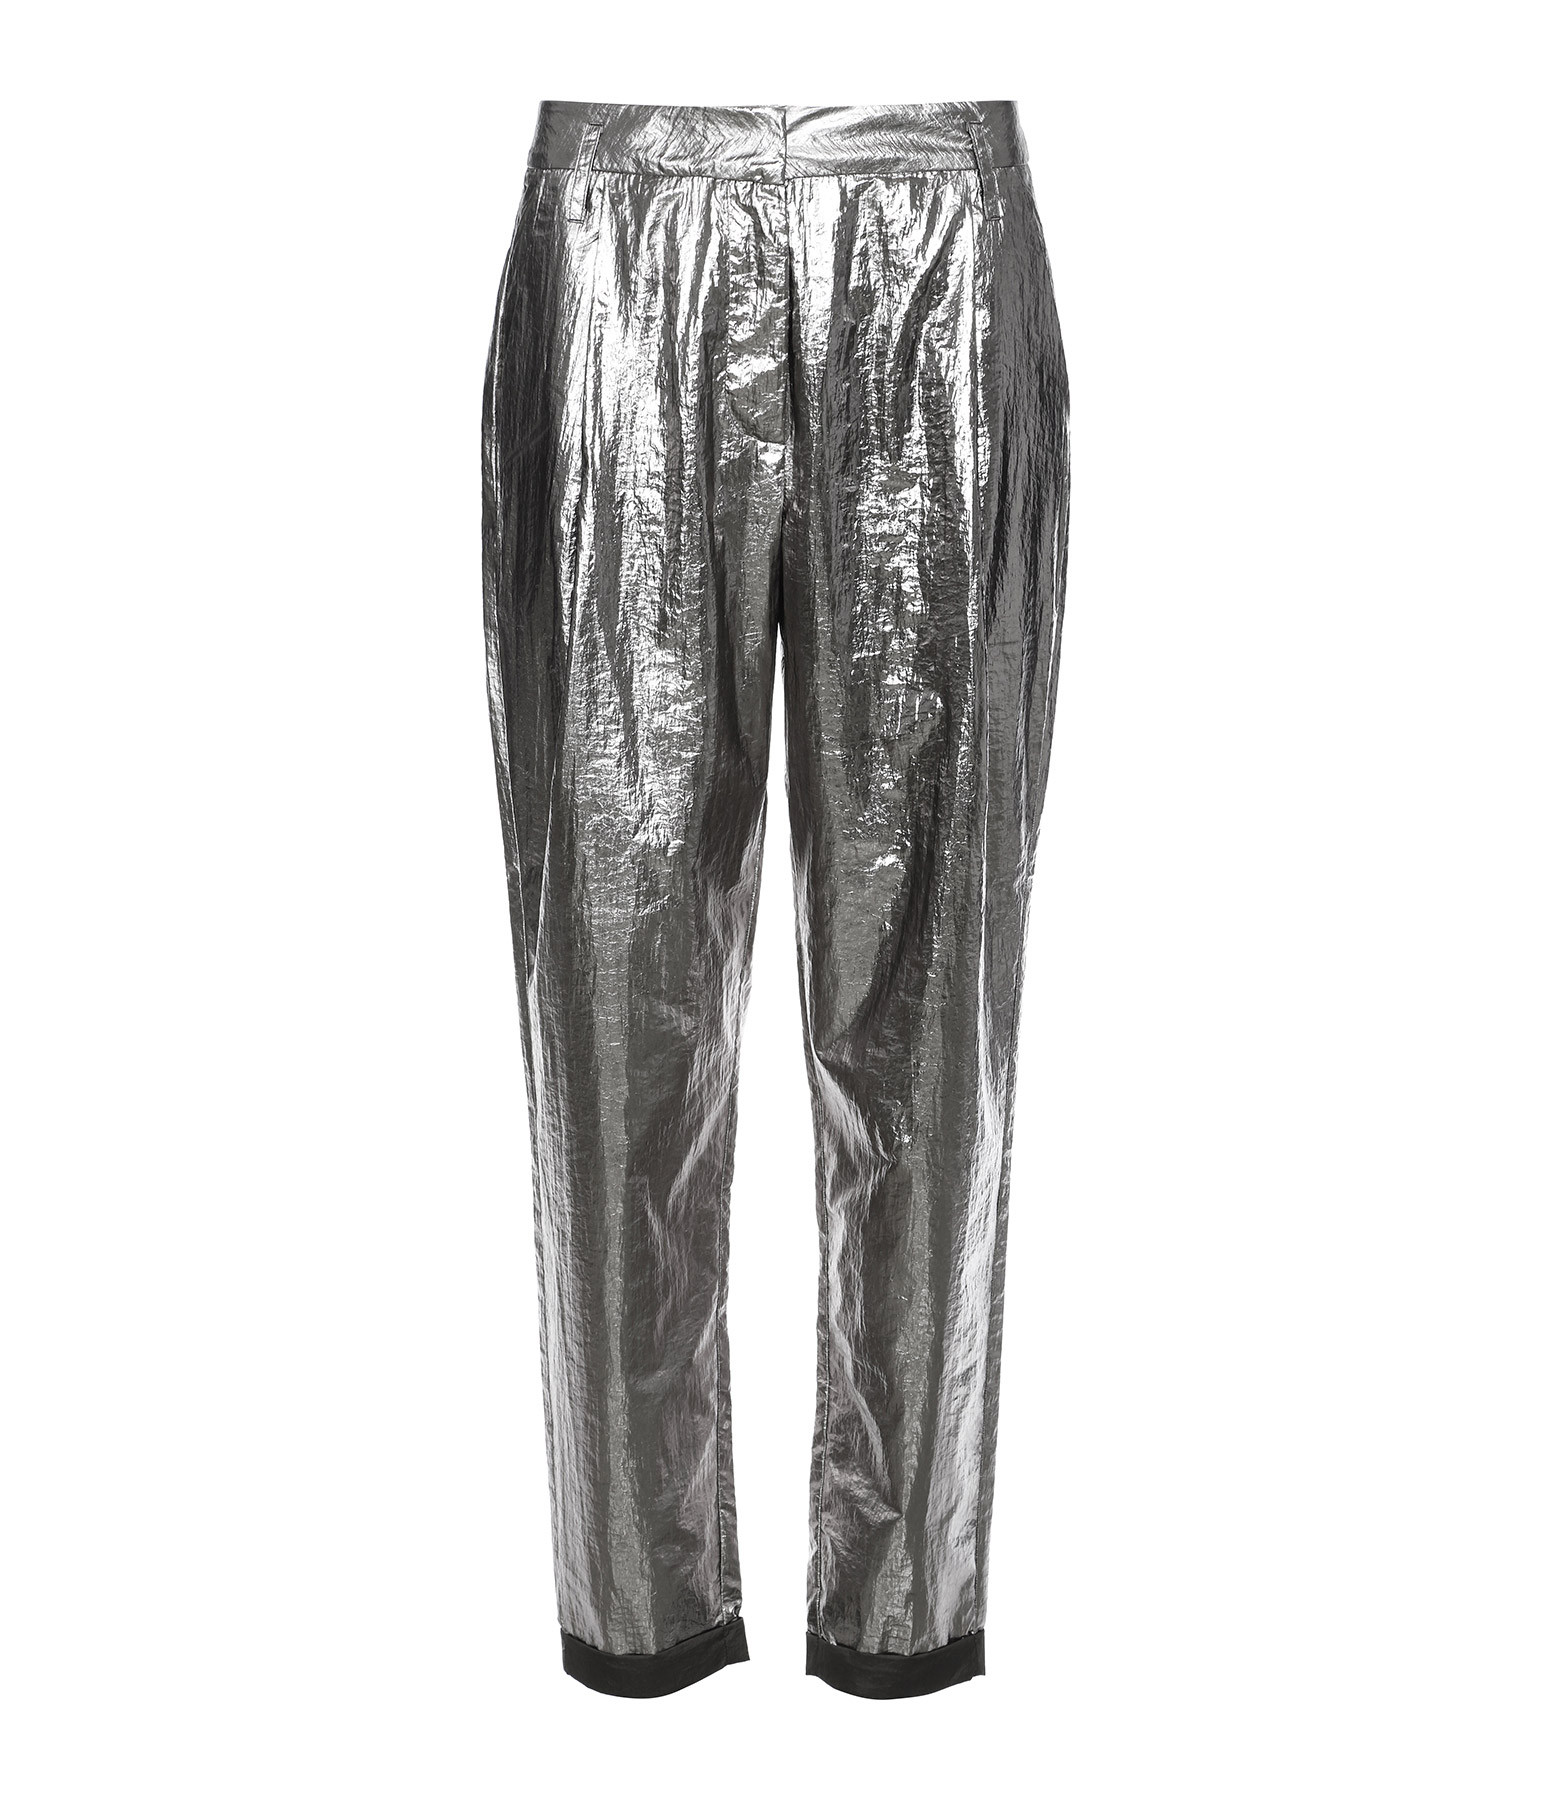 RABENS SALONER - Pantalon Dorah Parachute Foil Argenté